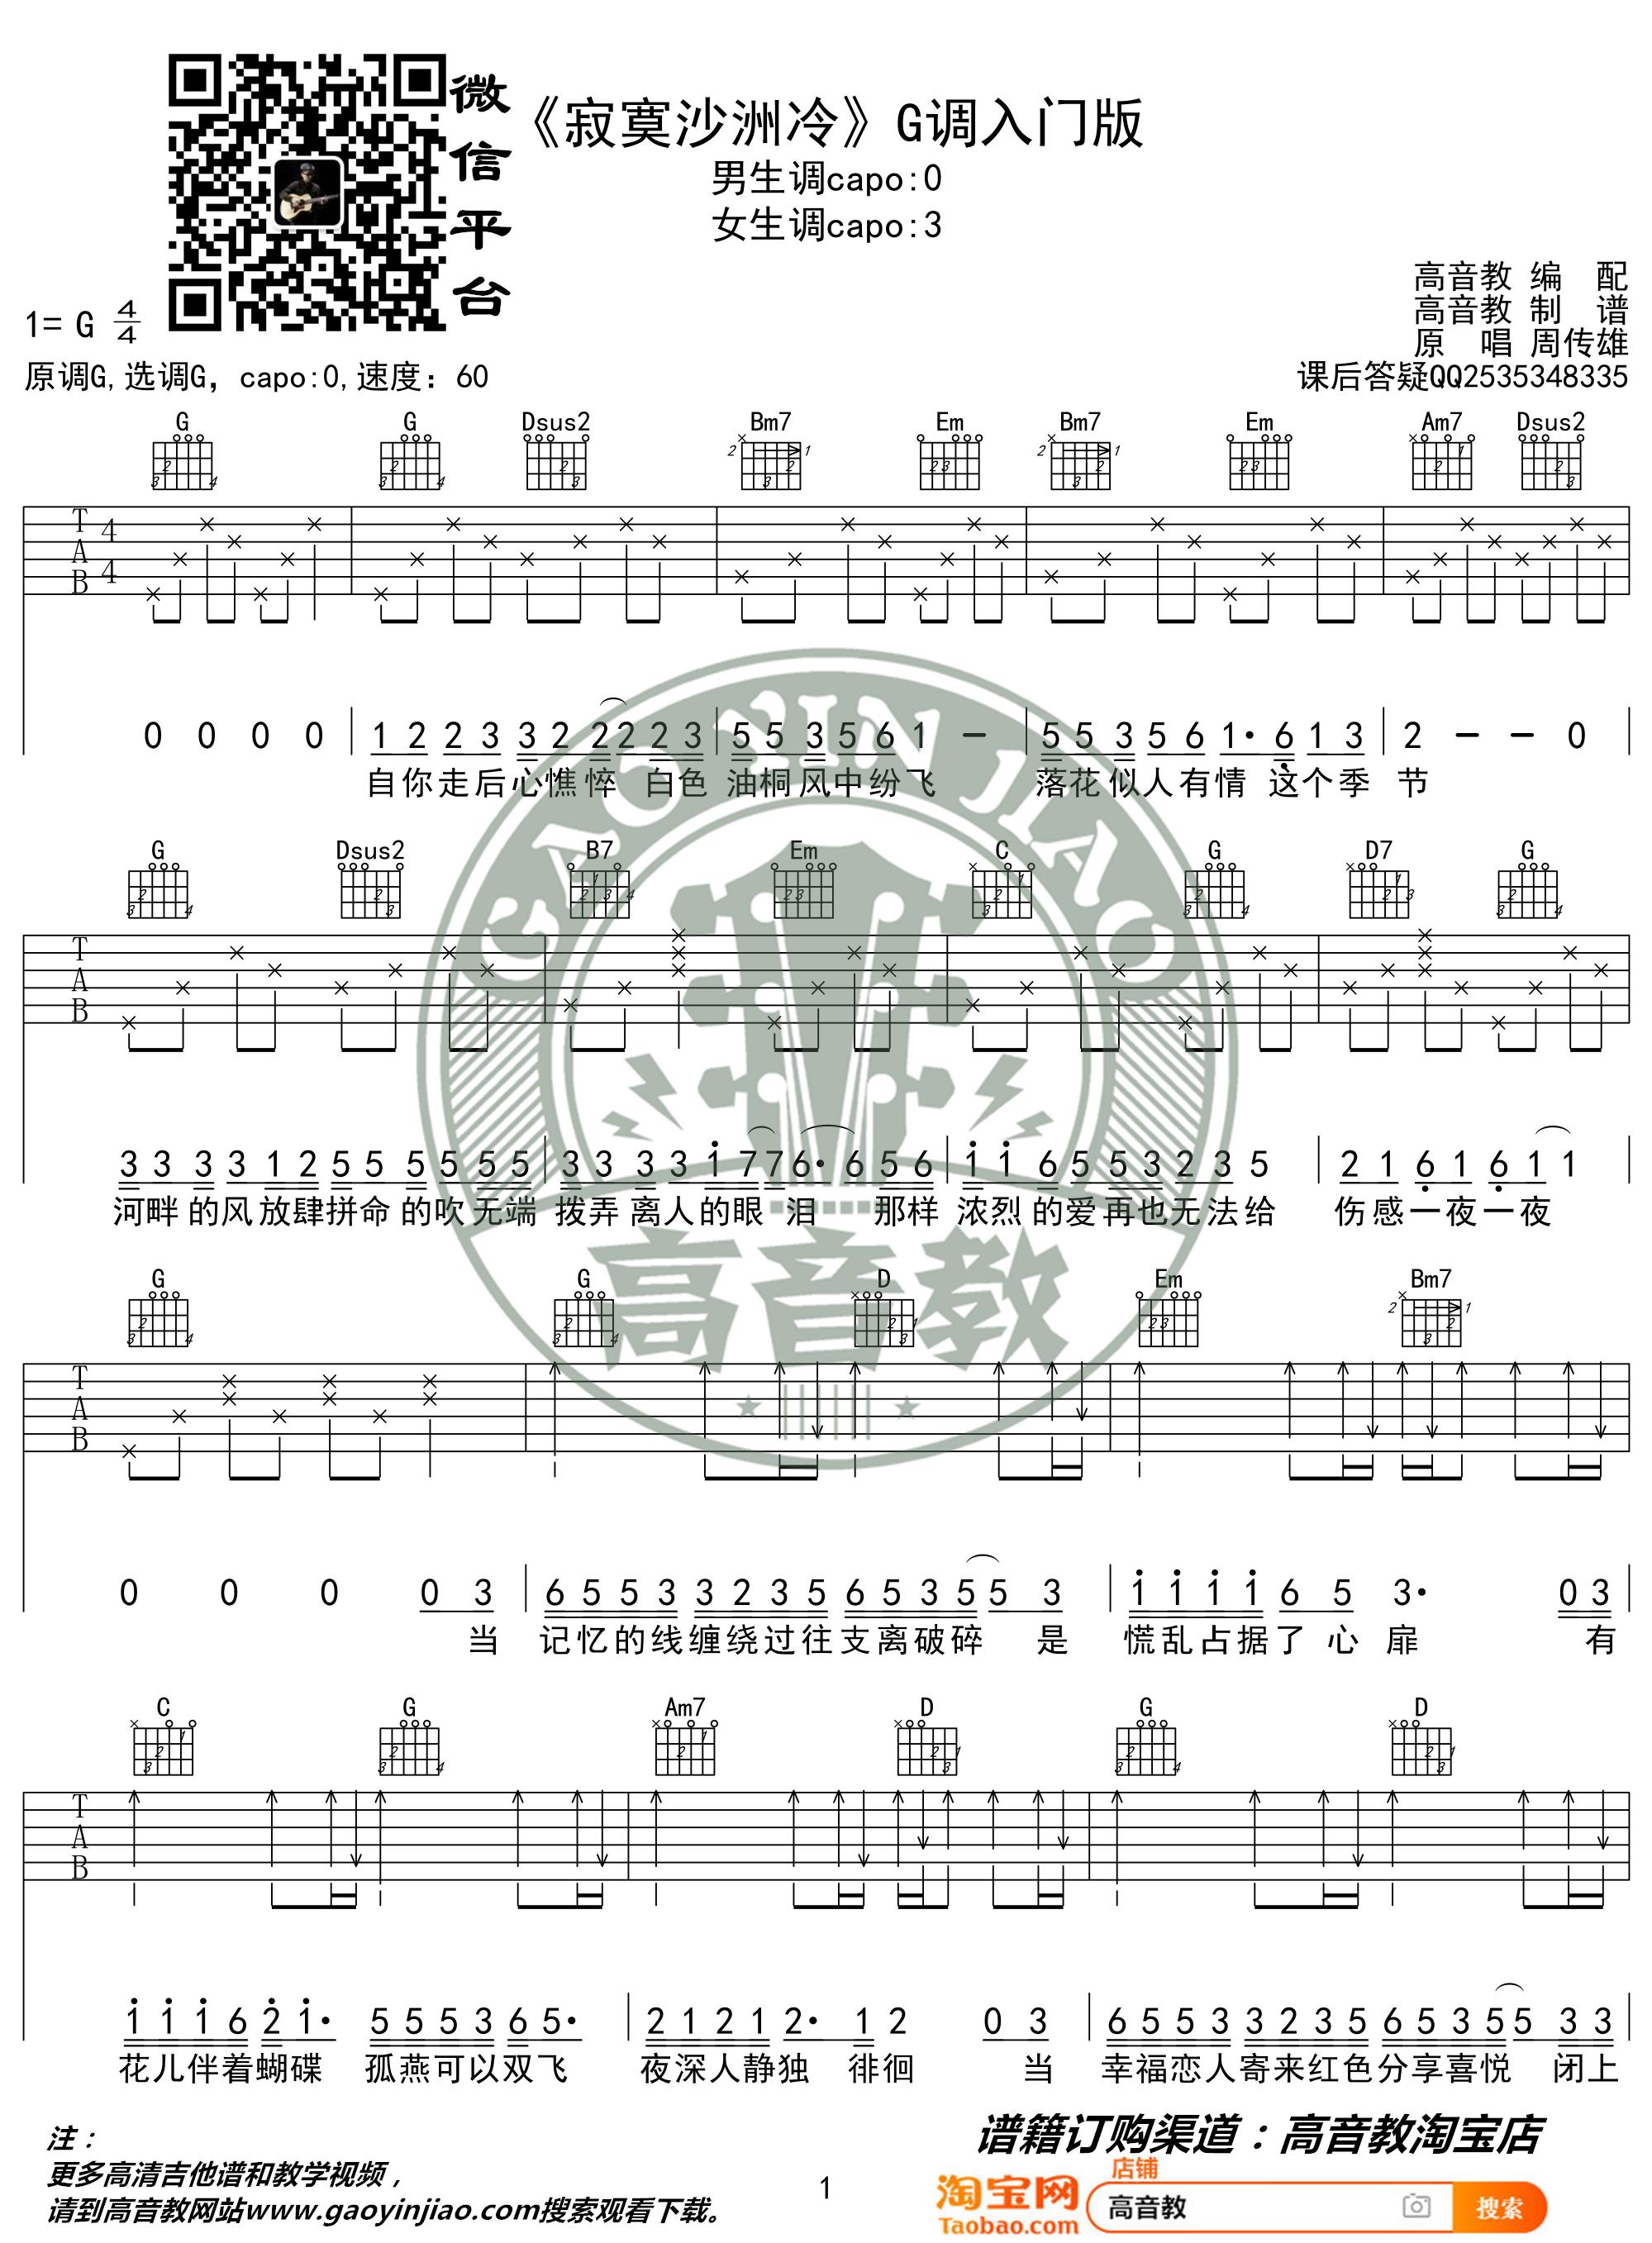 吉他派寂寞沙洲冷吉他谱-1